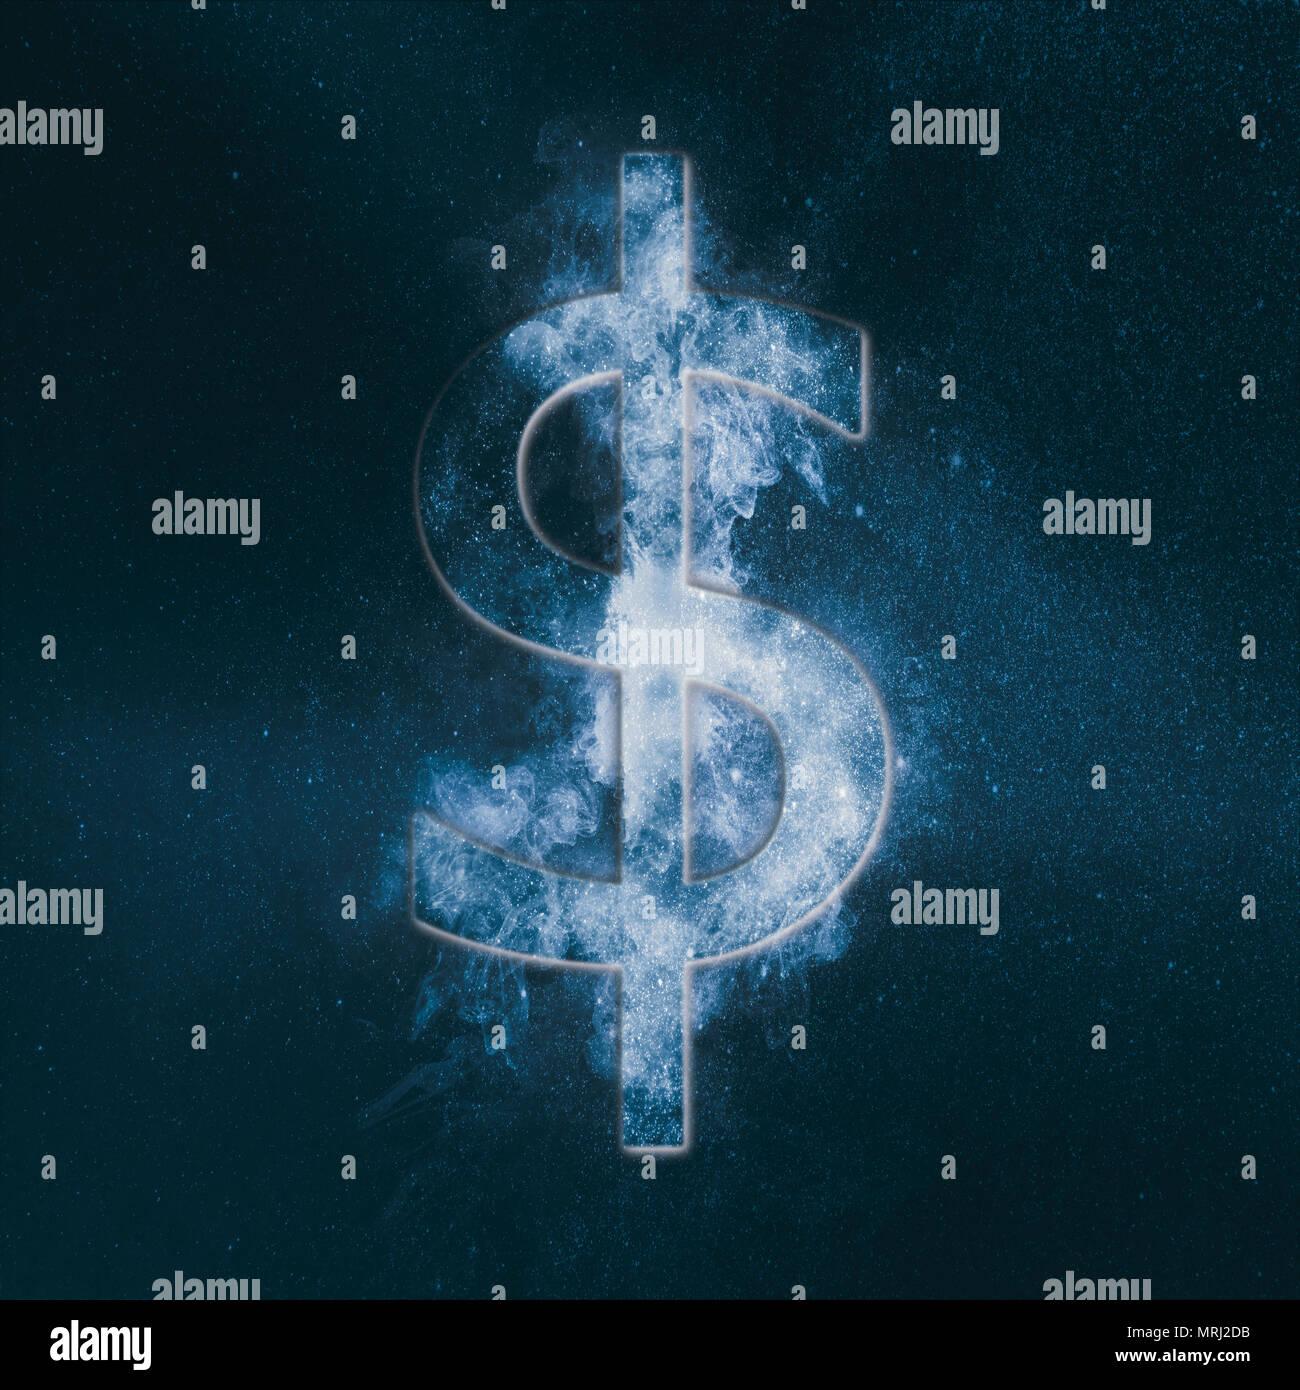 Le symbole du dollar, symbole du dollar. Symbole monétaire monétaire. Résumé fond de ciel de nuit. Photo Stock